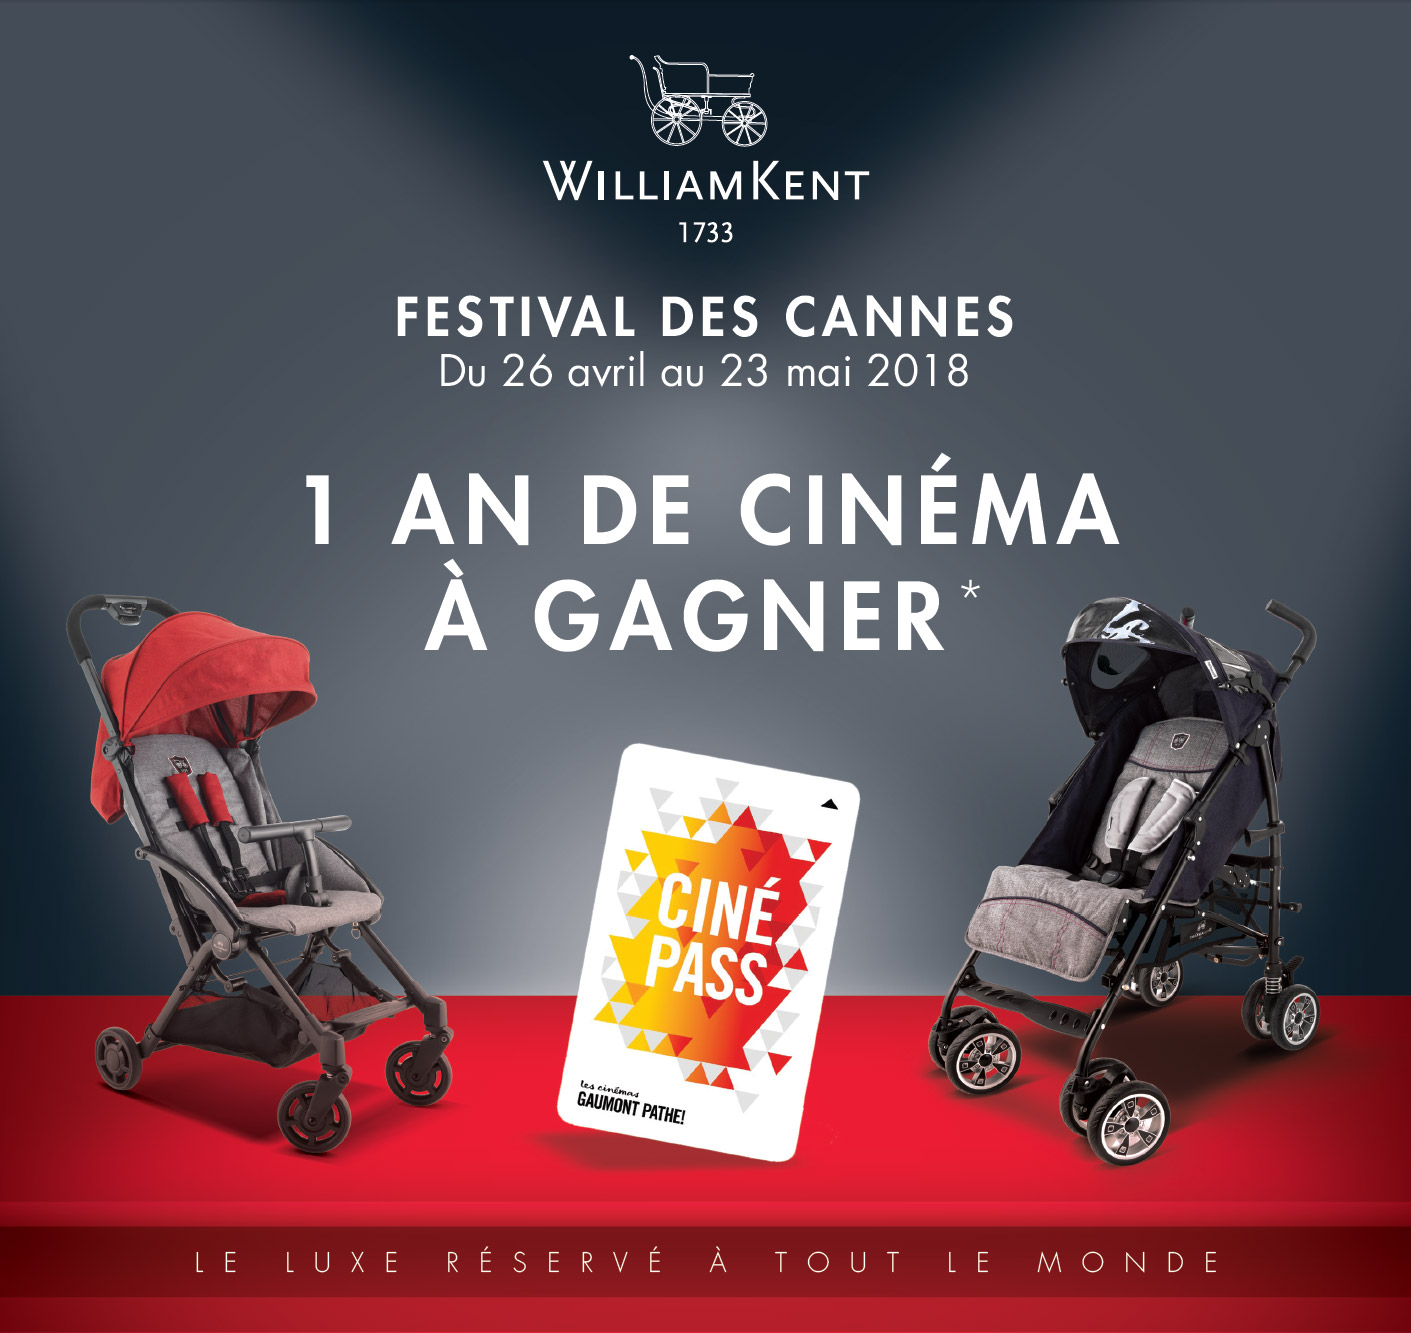 Festival des cannes William Kent 1733 : 1 an de cinéma à gagner ! Jusqu'au 23/05/2018, voir conditions